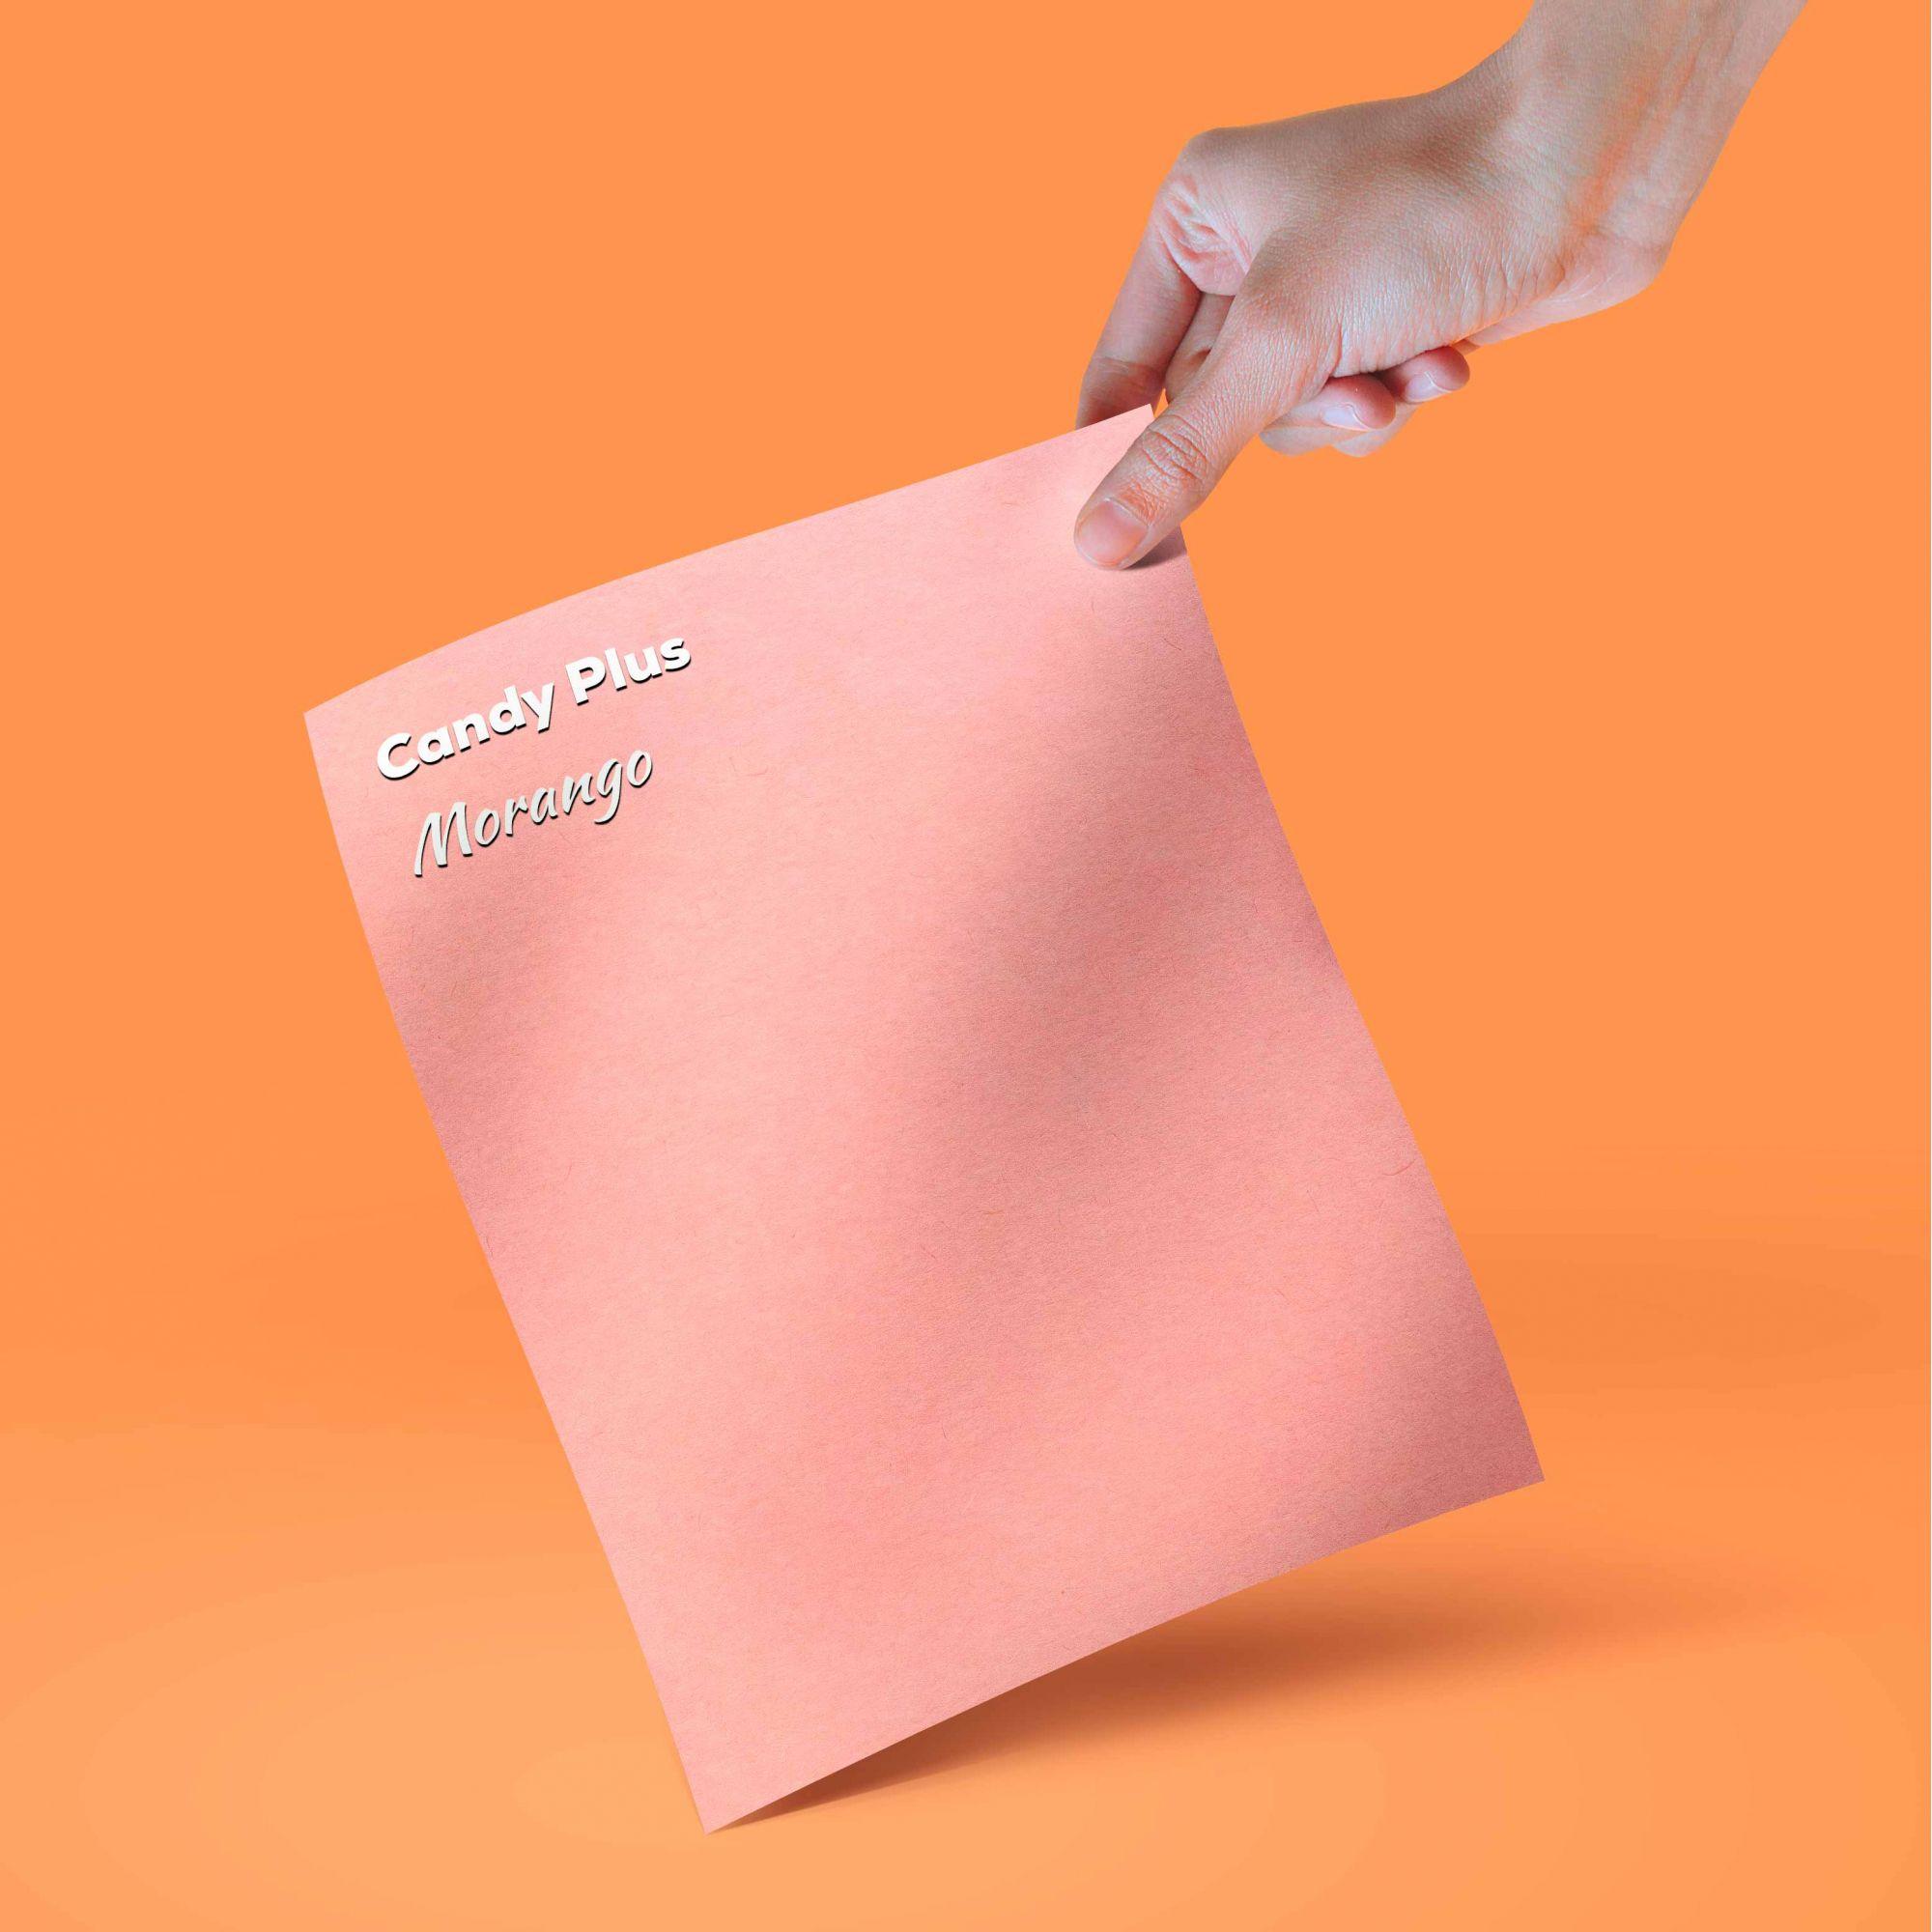 Candy Plus - Morango -  rosa  - Tam. A3 - 180g/m² - 20 folhas